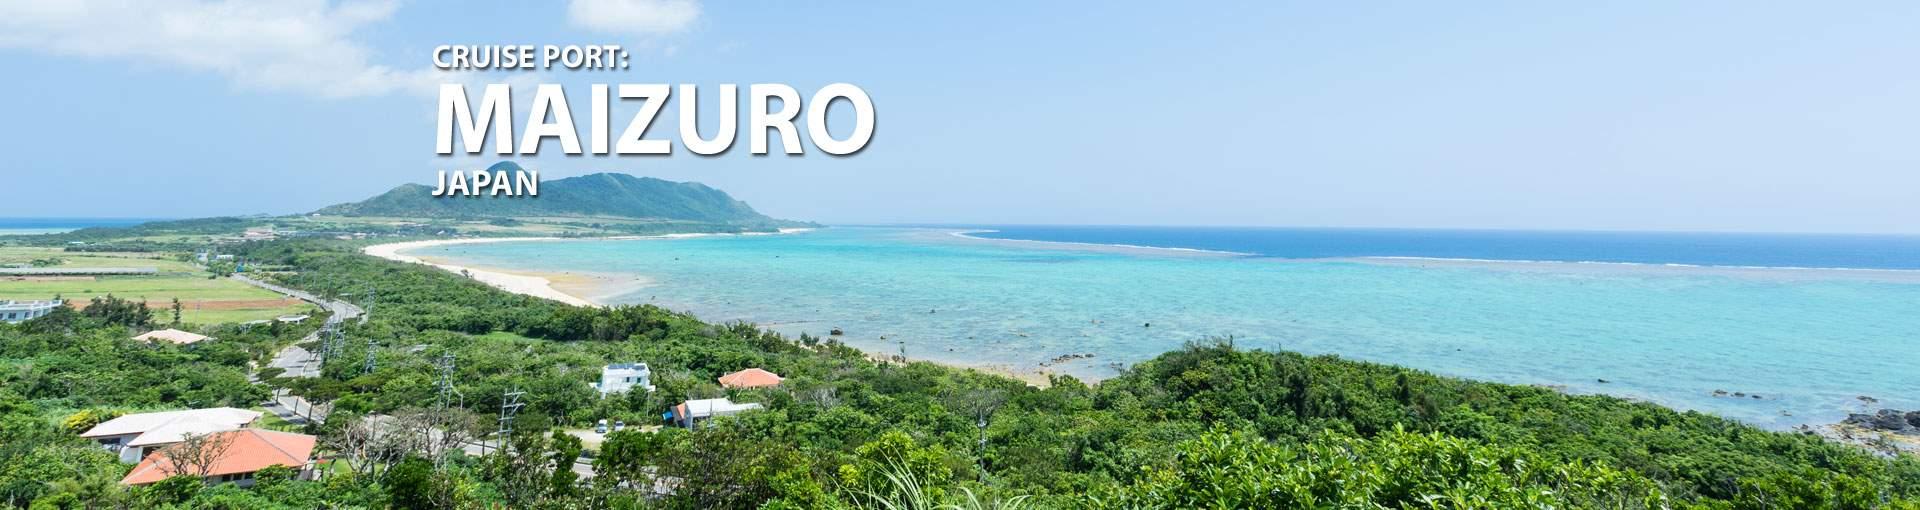 Cruises to Maizuro, Japan